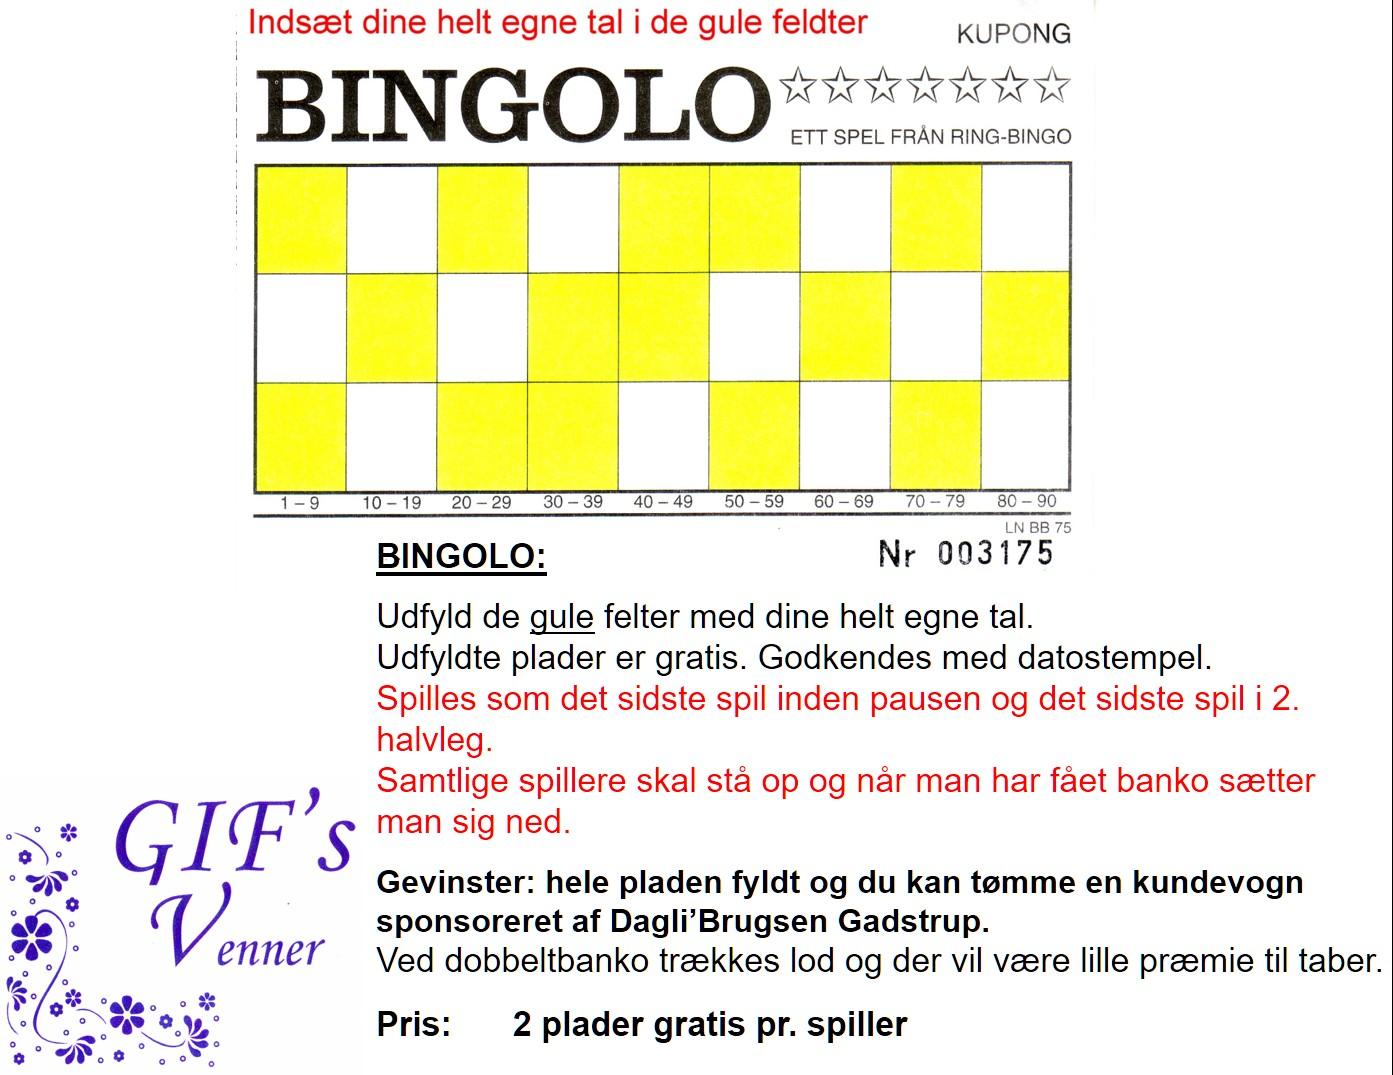 bingolo